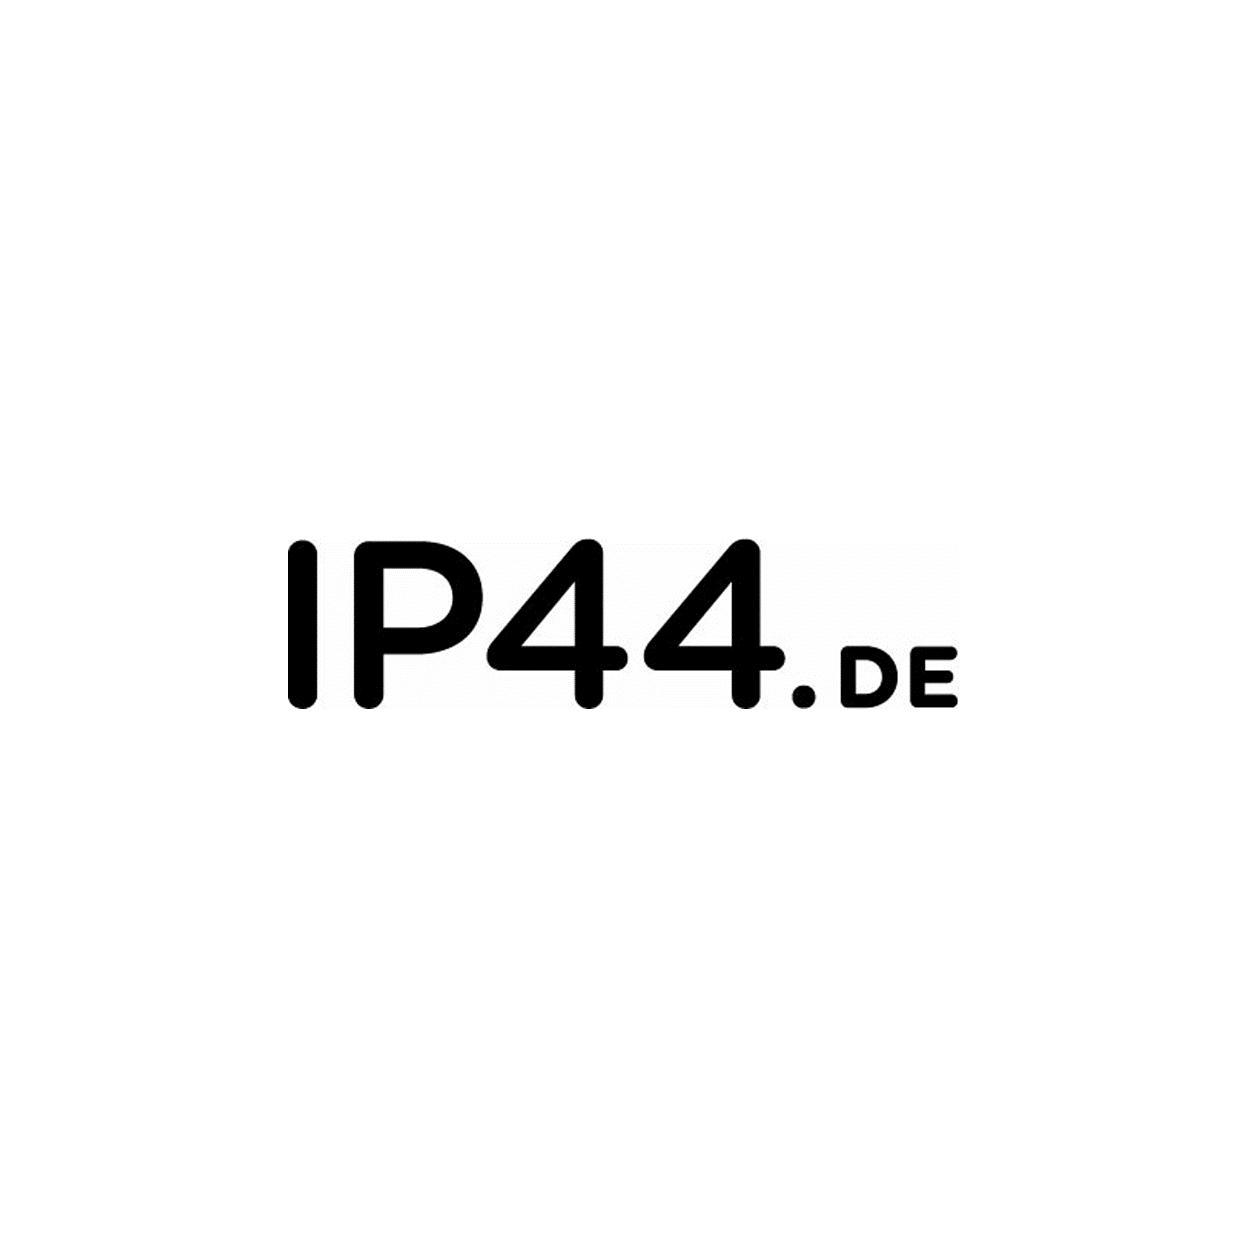 Ip44 - Objekte Licht & Raum GmbH in Hamburg